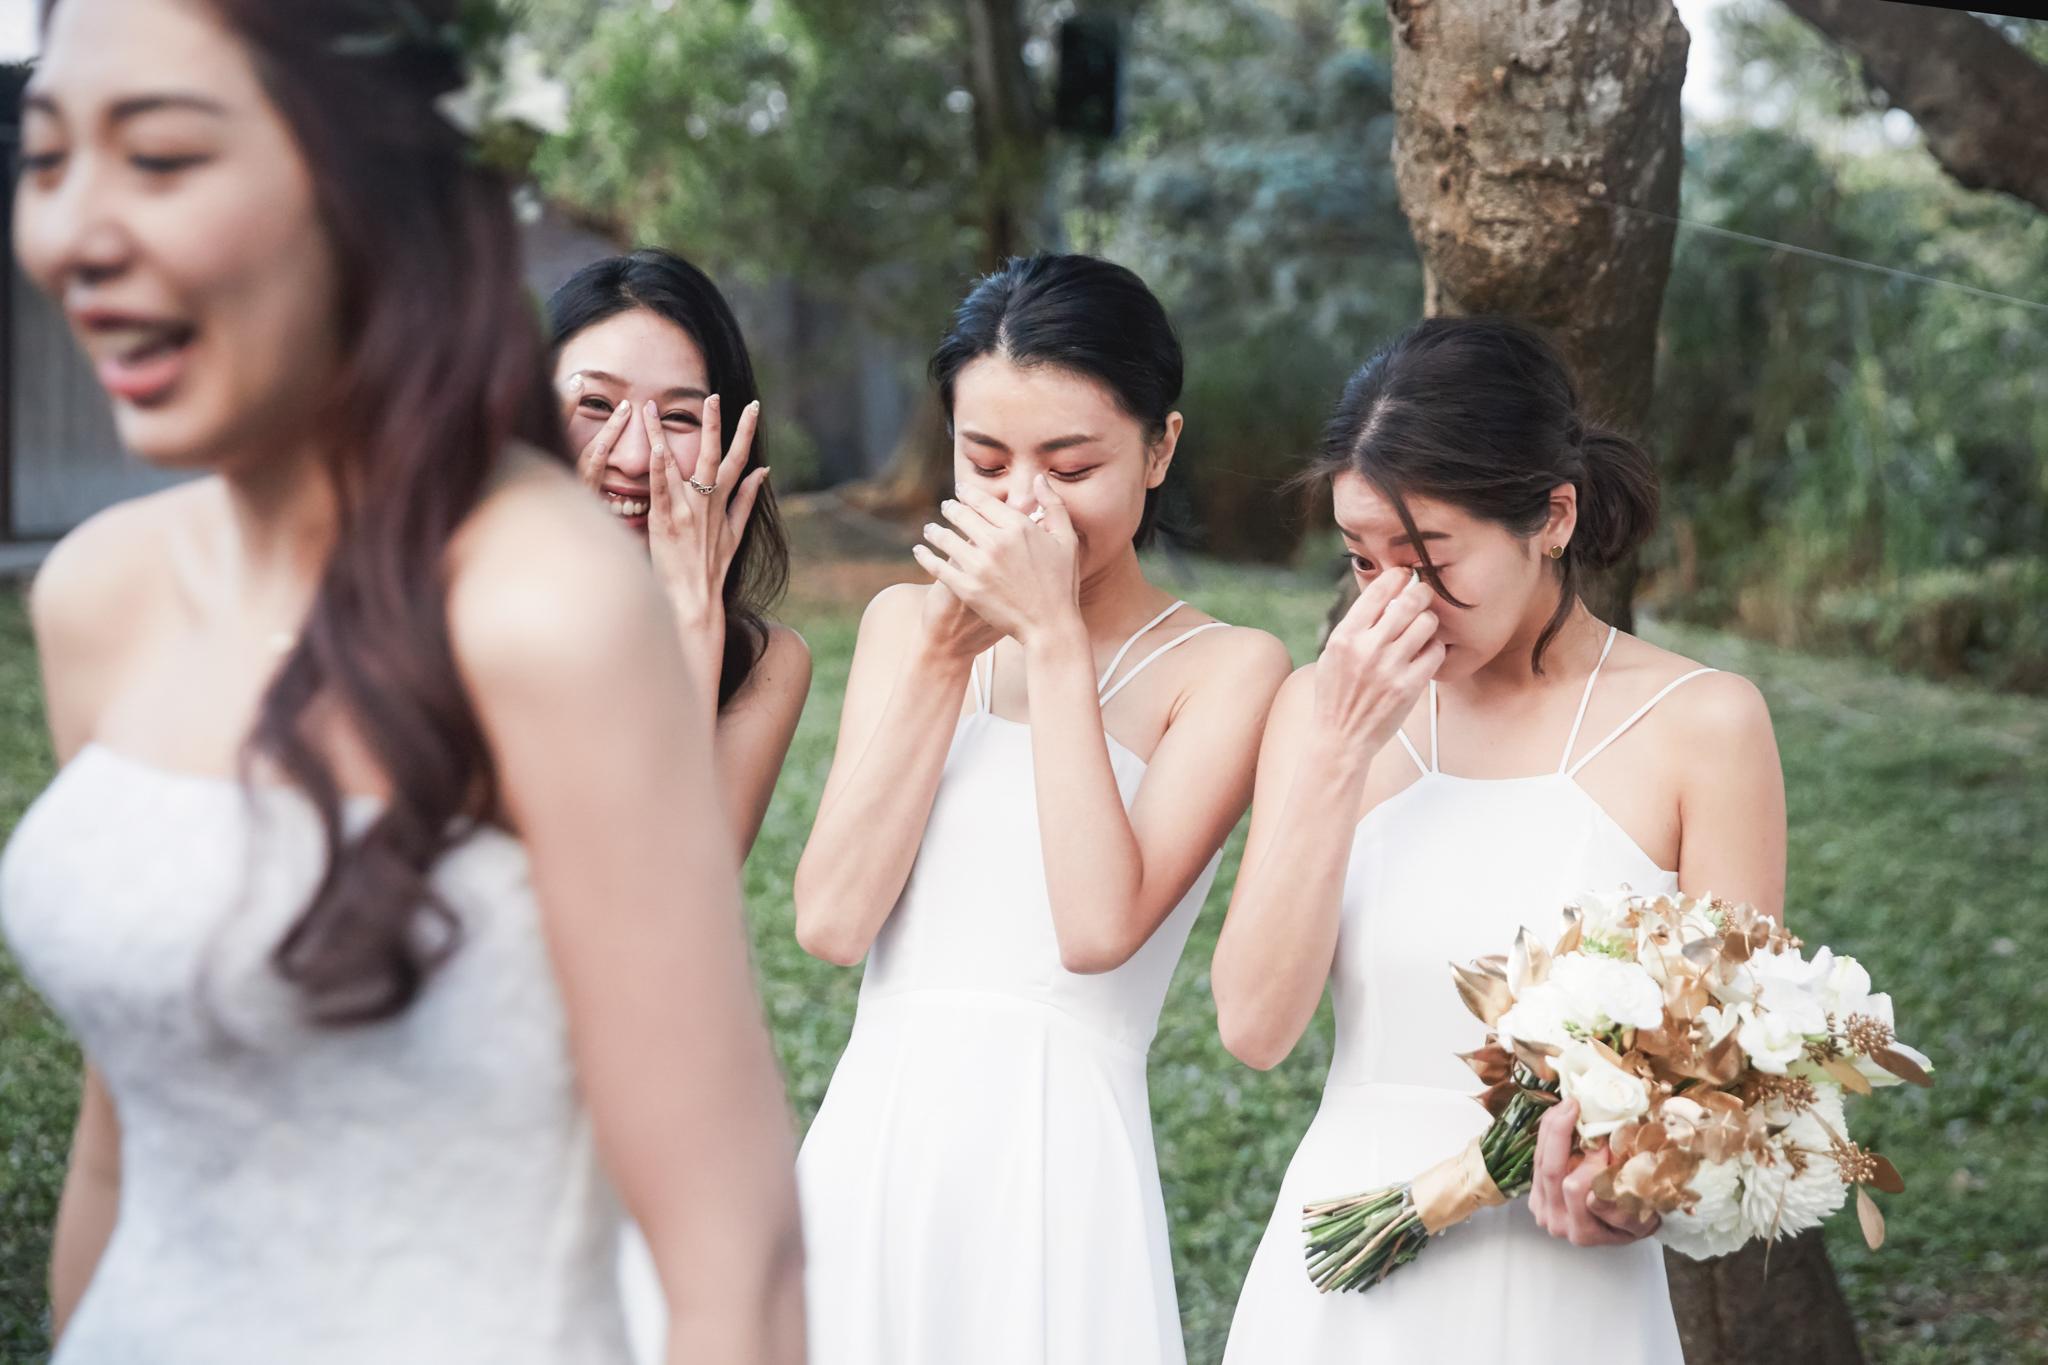 顏牧牧場婚禮, 婚攝推薦,台中婚攝,後院婚禮,戶外婚禮,美式婚禮-60